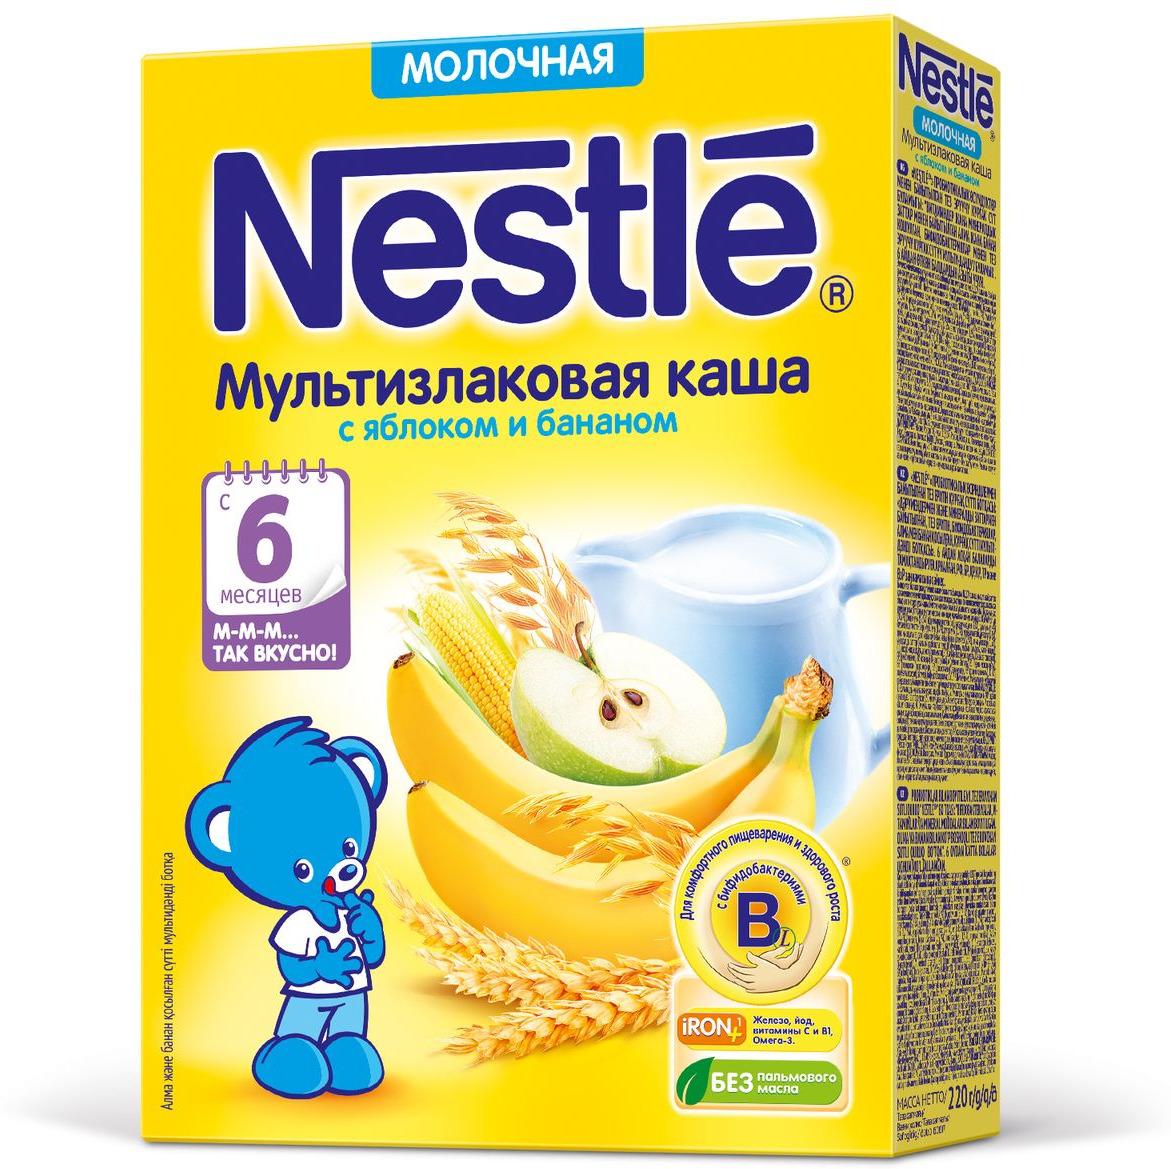 Nestle мультизлаковая яблоко банан каша молочная, 220 г